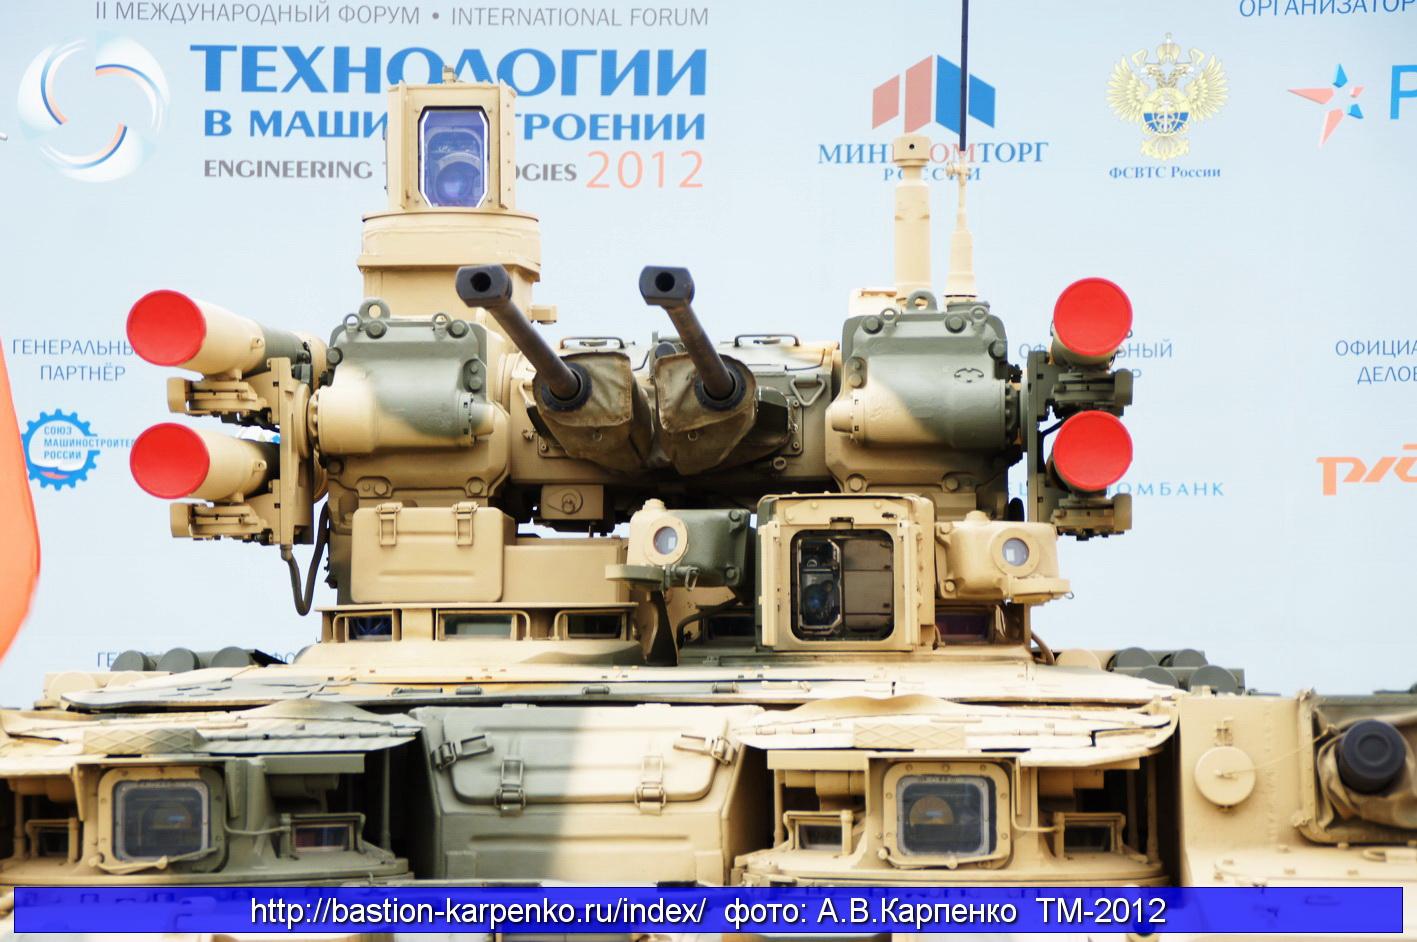 مركبة دعم المشاة القتالية الحديثة Terminator 2 BMPT - صفحة 2 BMPT_TM-2012_14